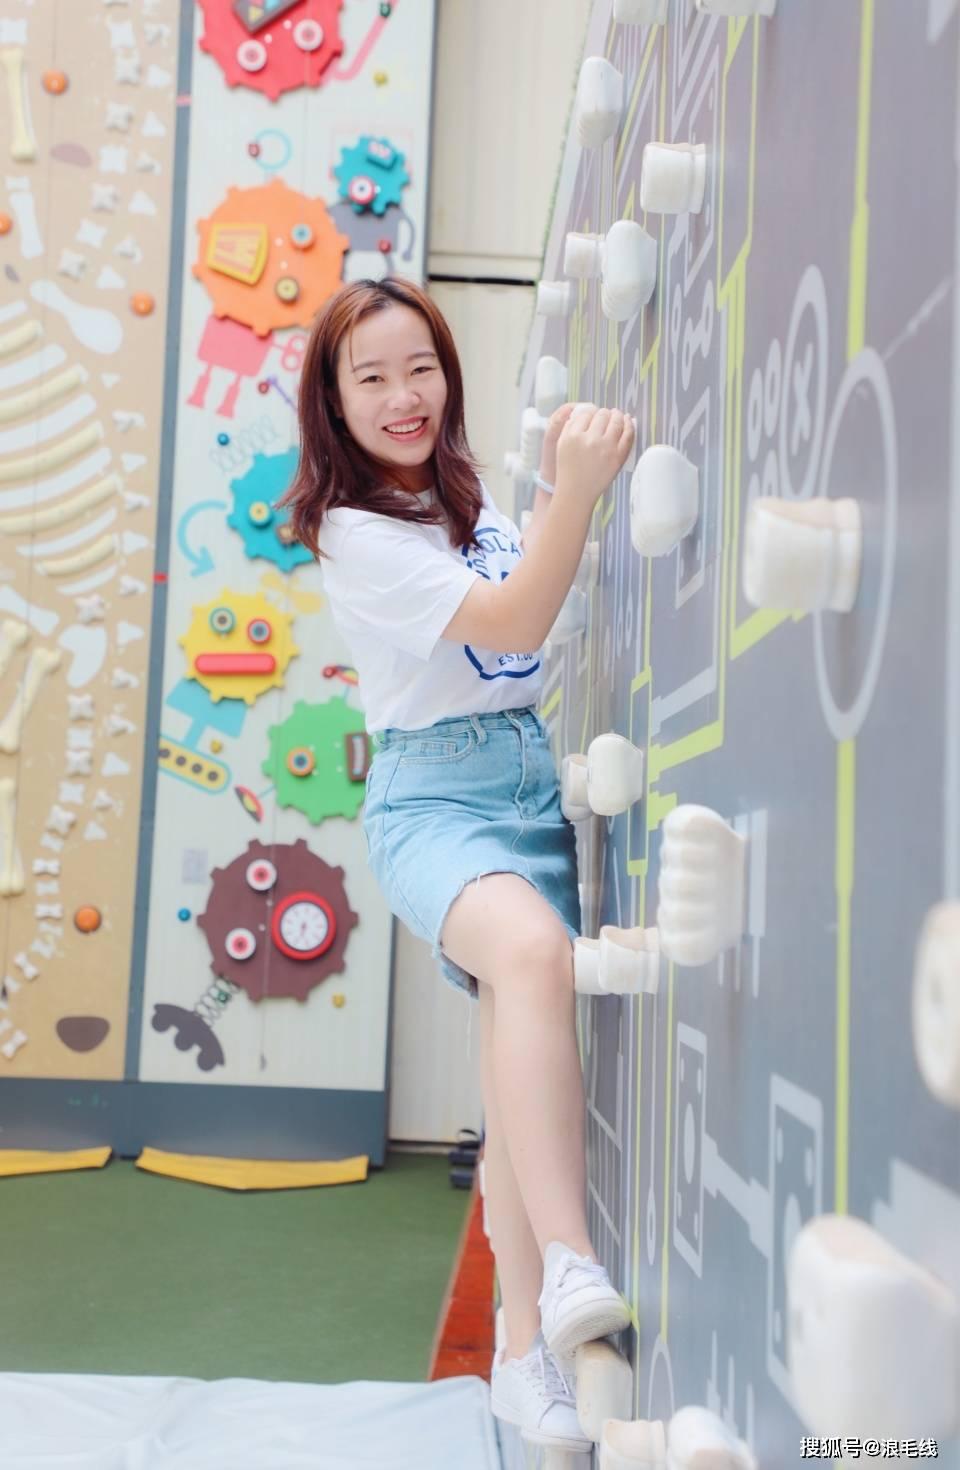 原创云南出游新选择:避暑度假到古滇,亲子玩法多样新鲜